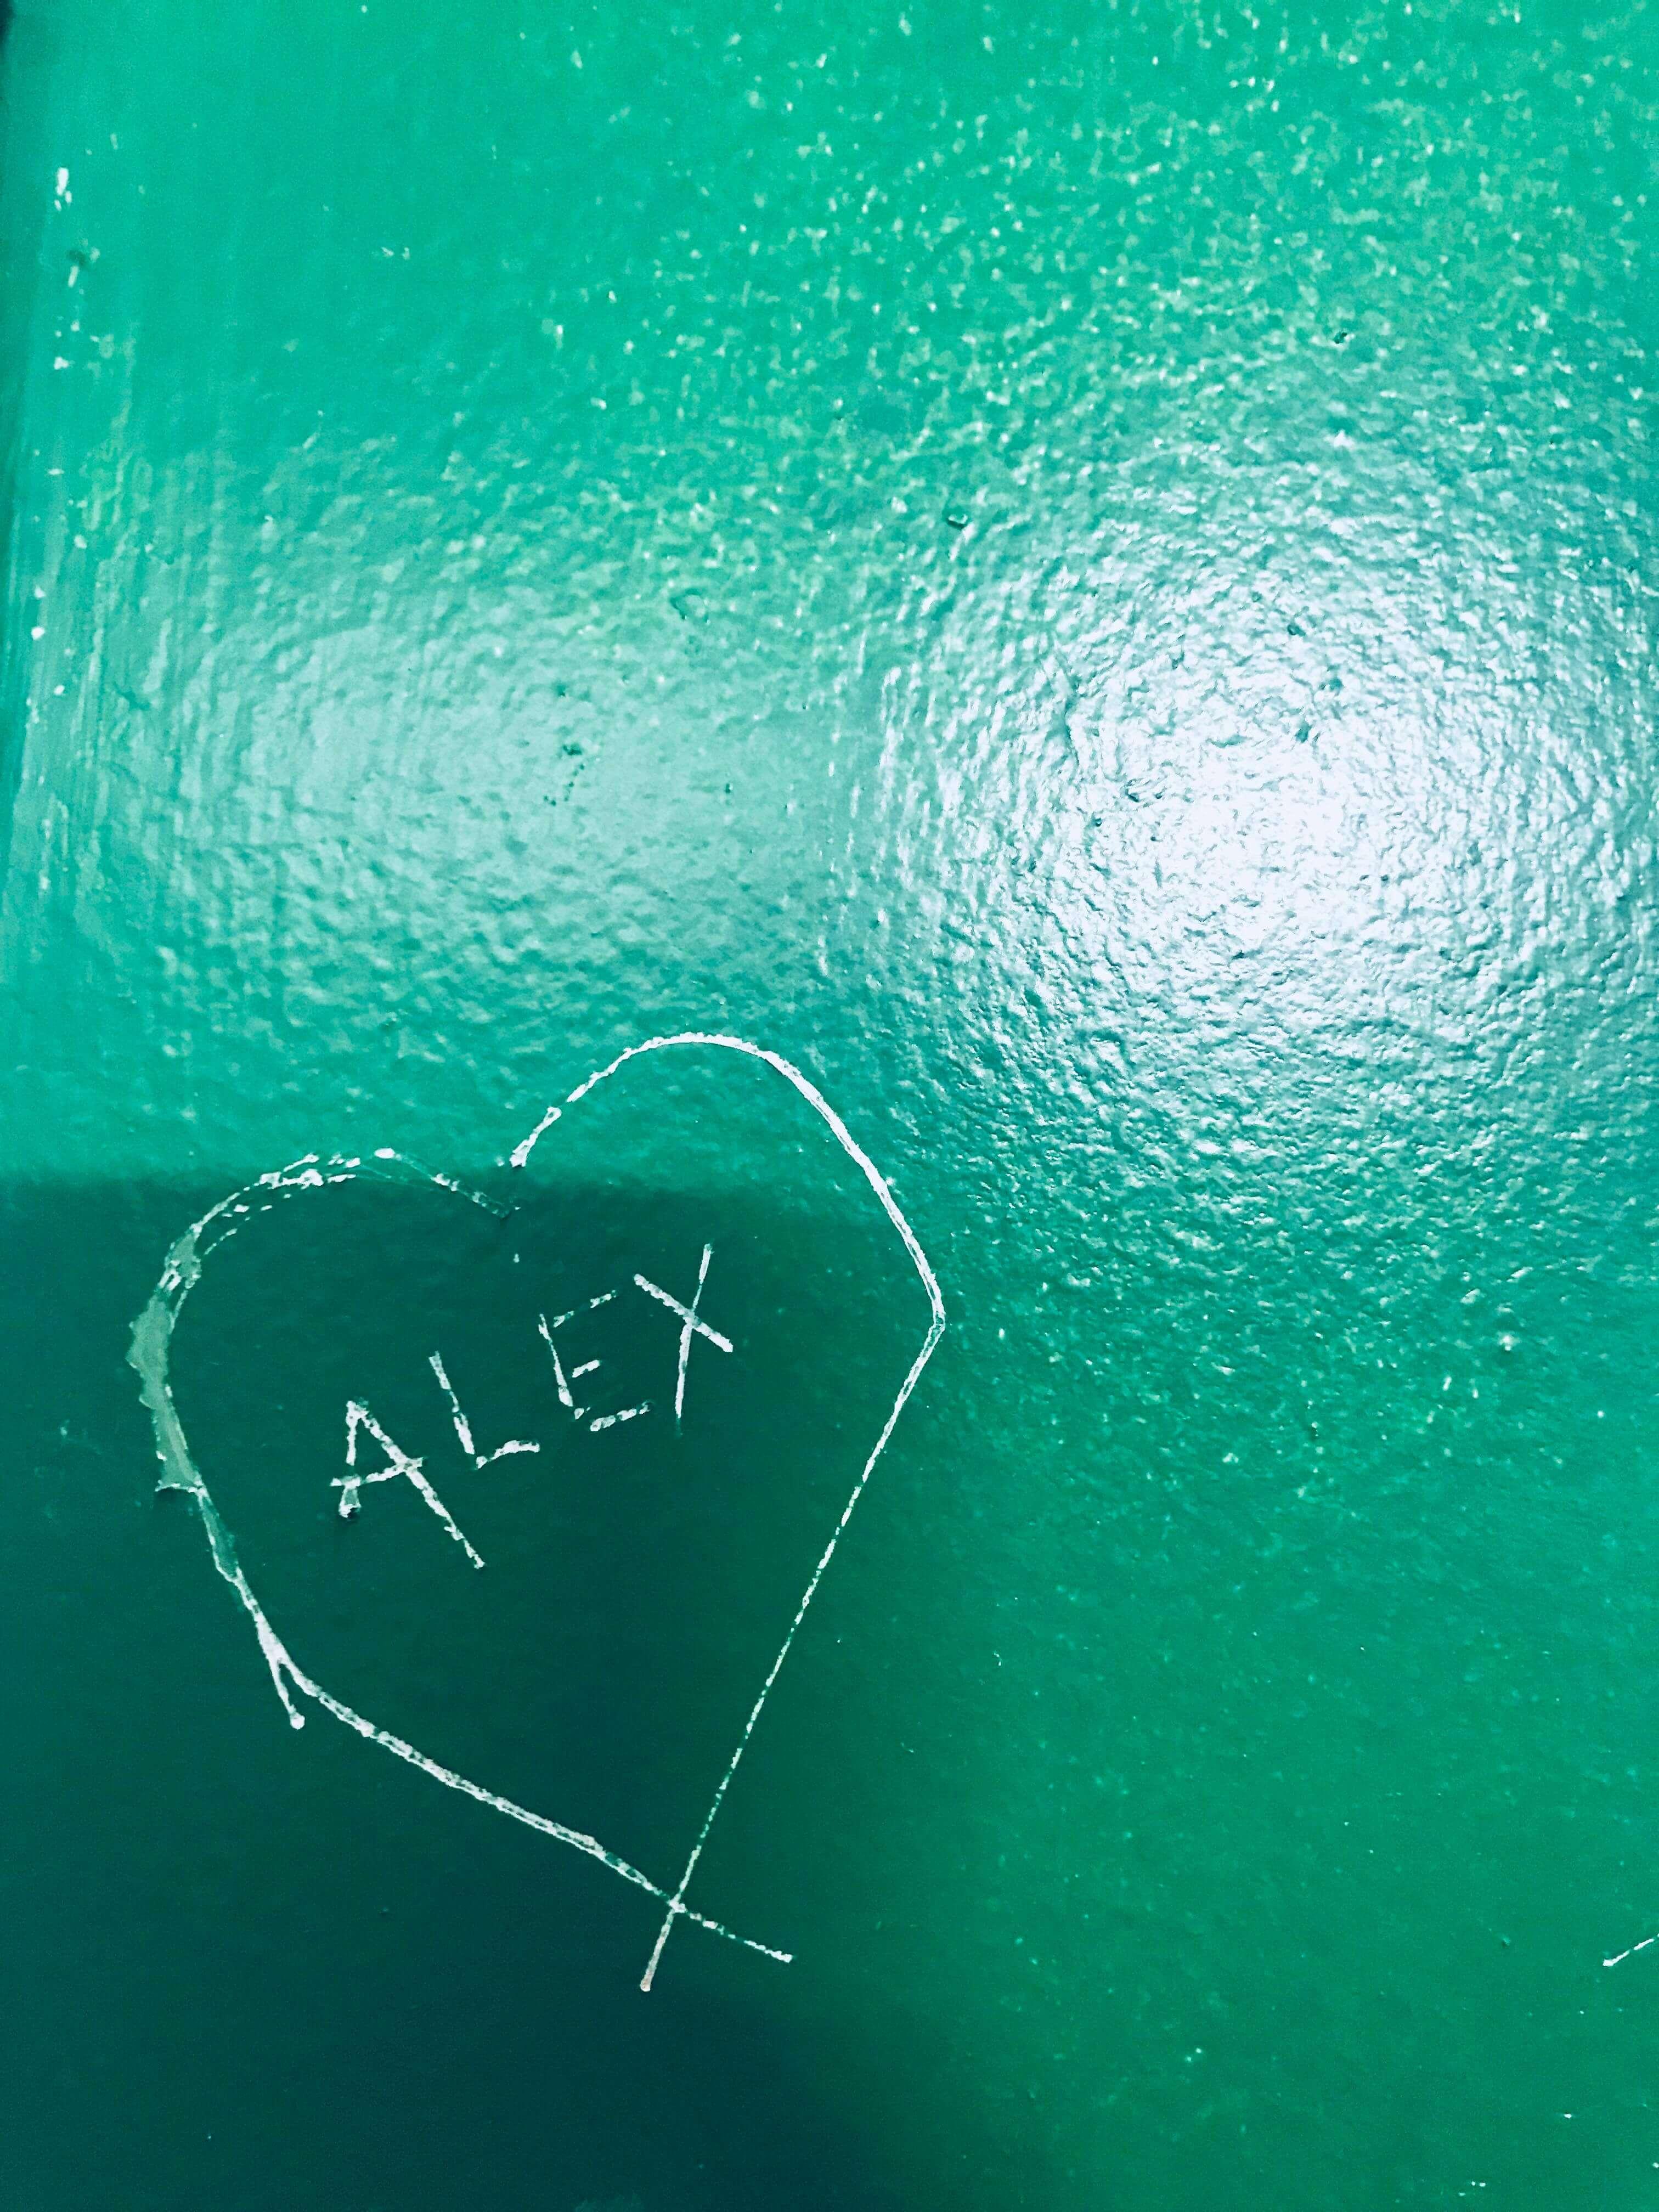 To Alex